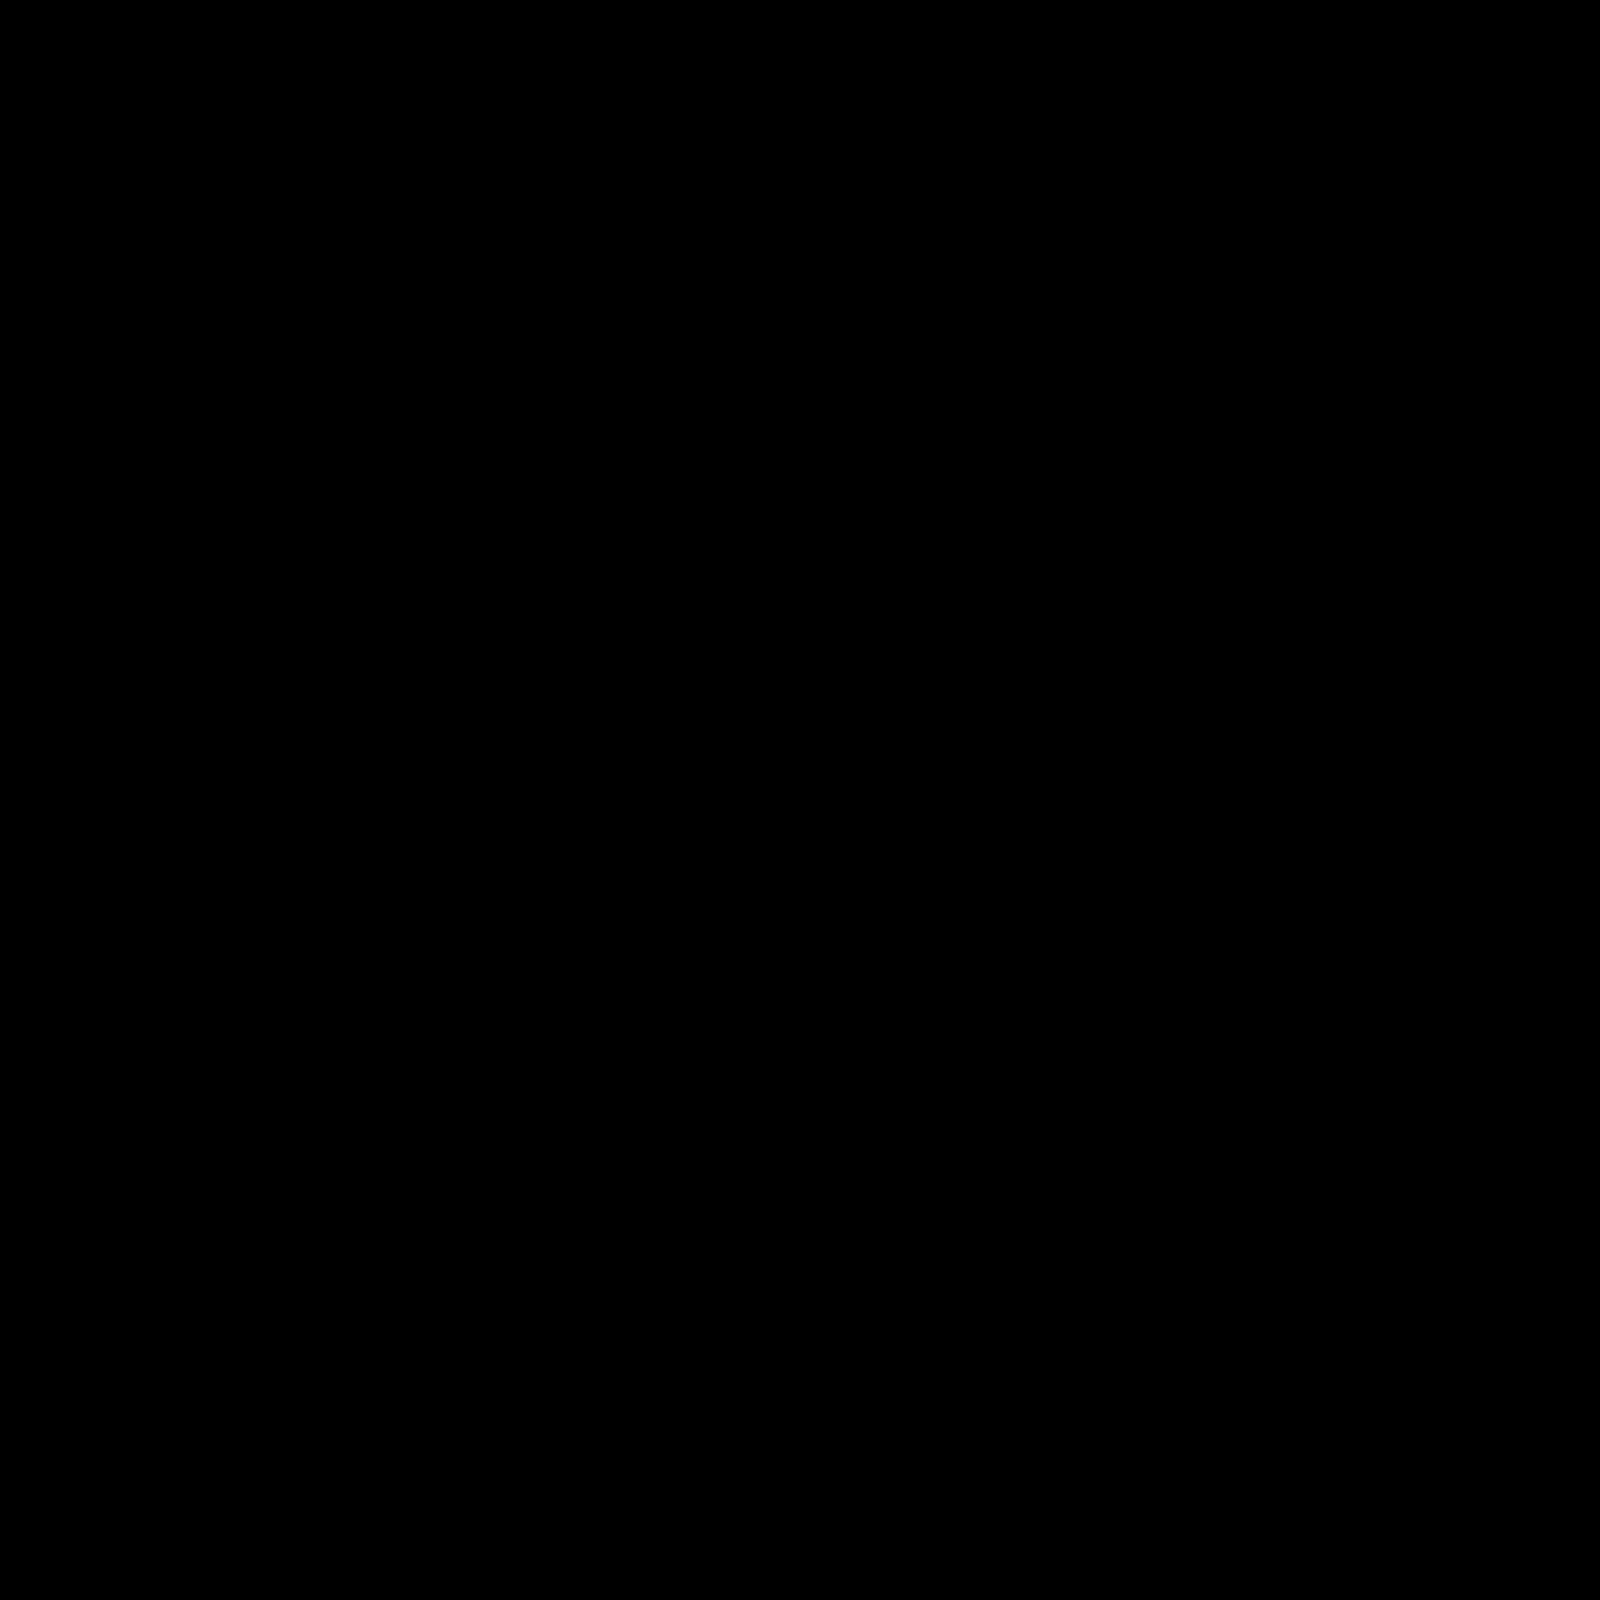 Clipart of left facing arrow jpg royalty free library Up Down Arrow Icono - descarga gratuita, PNG y vector jpg royalty free library